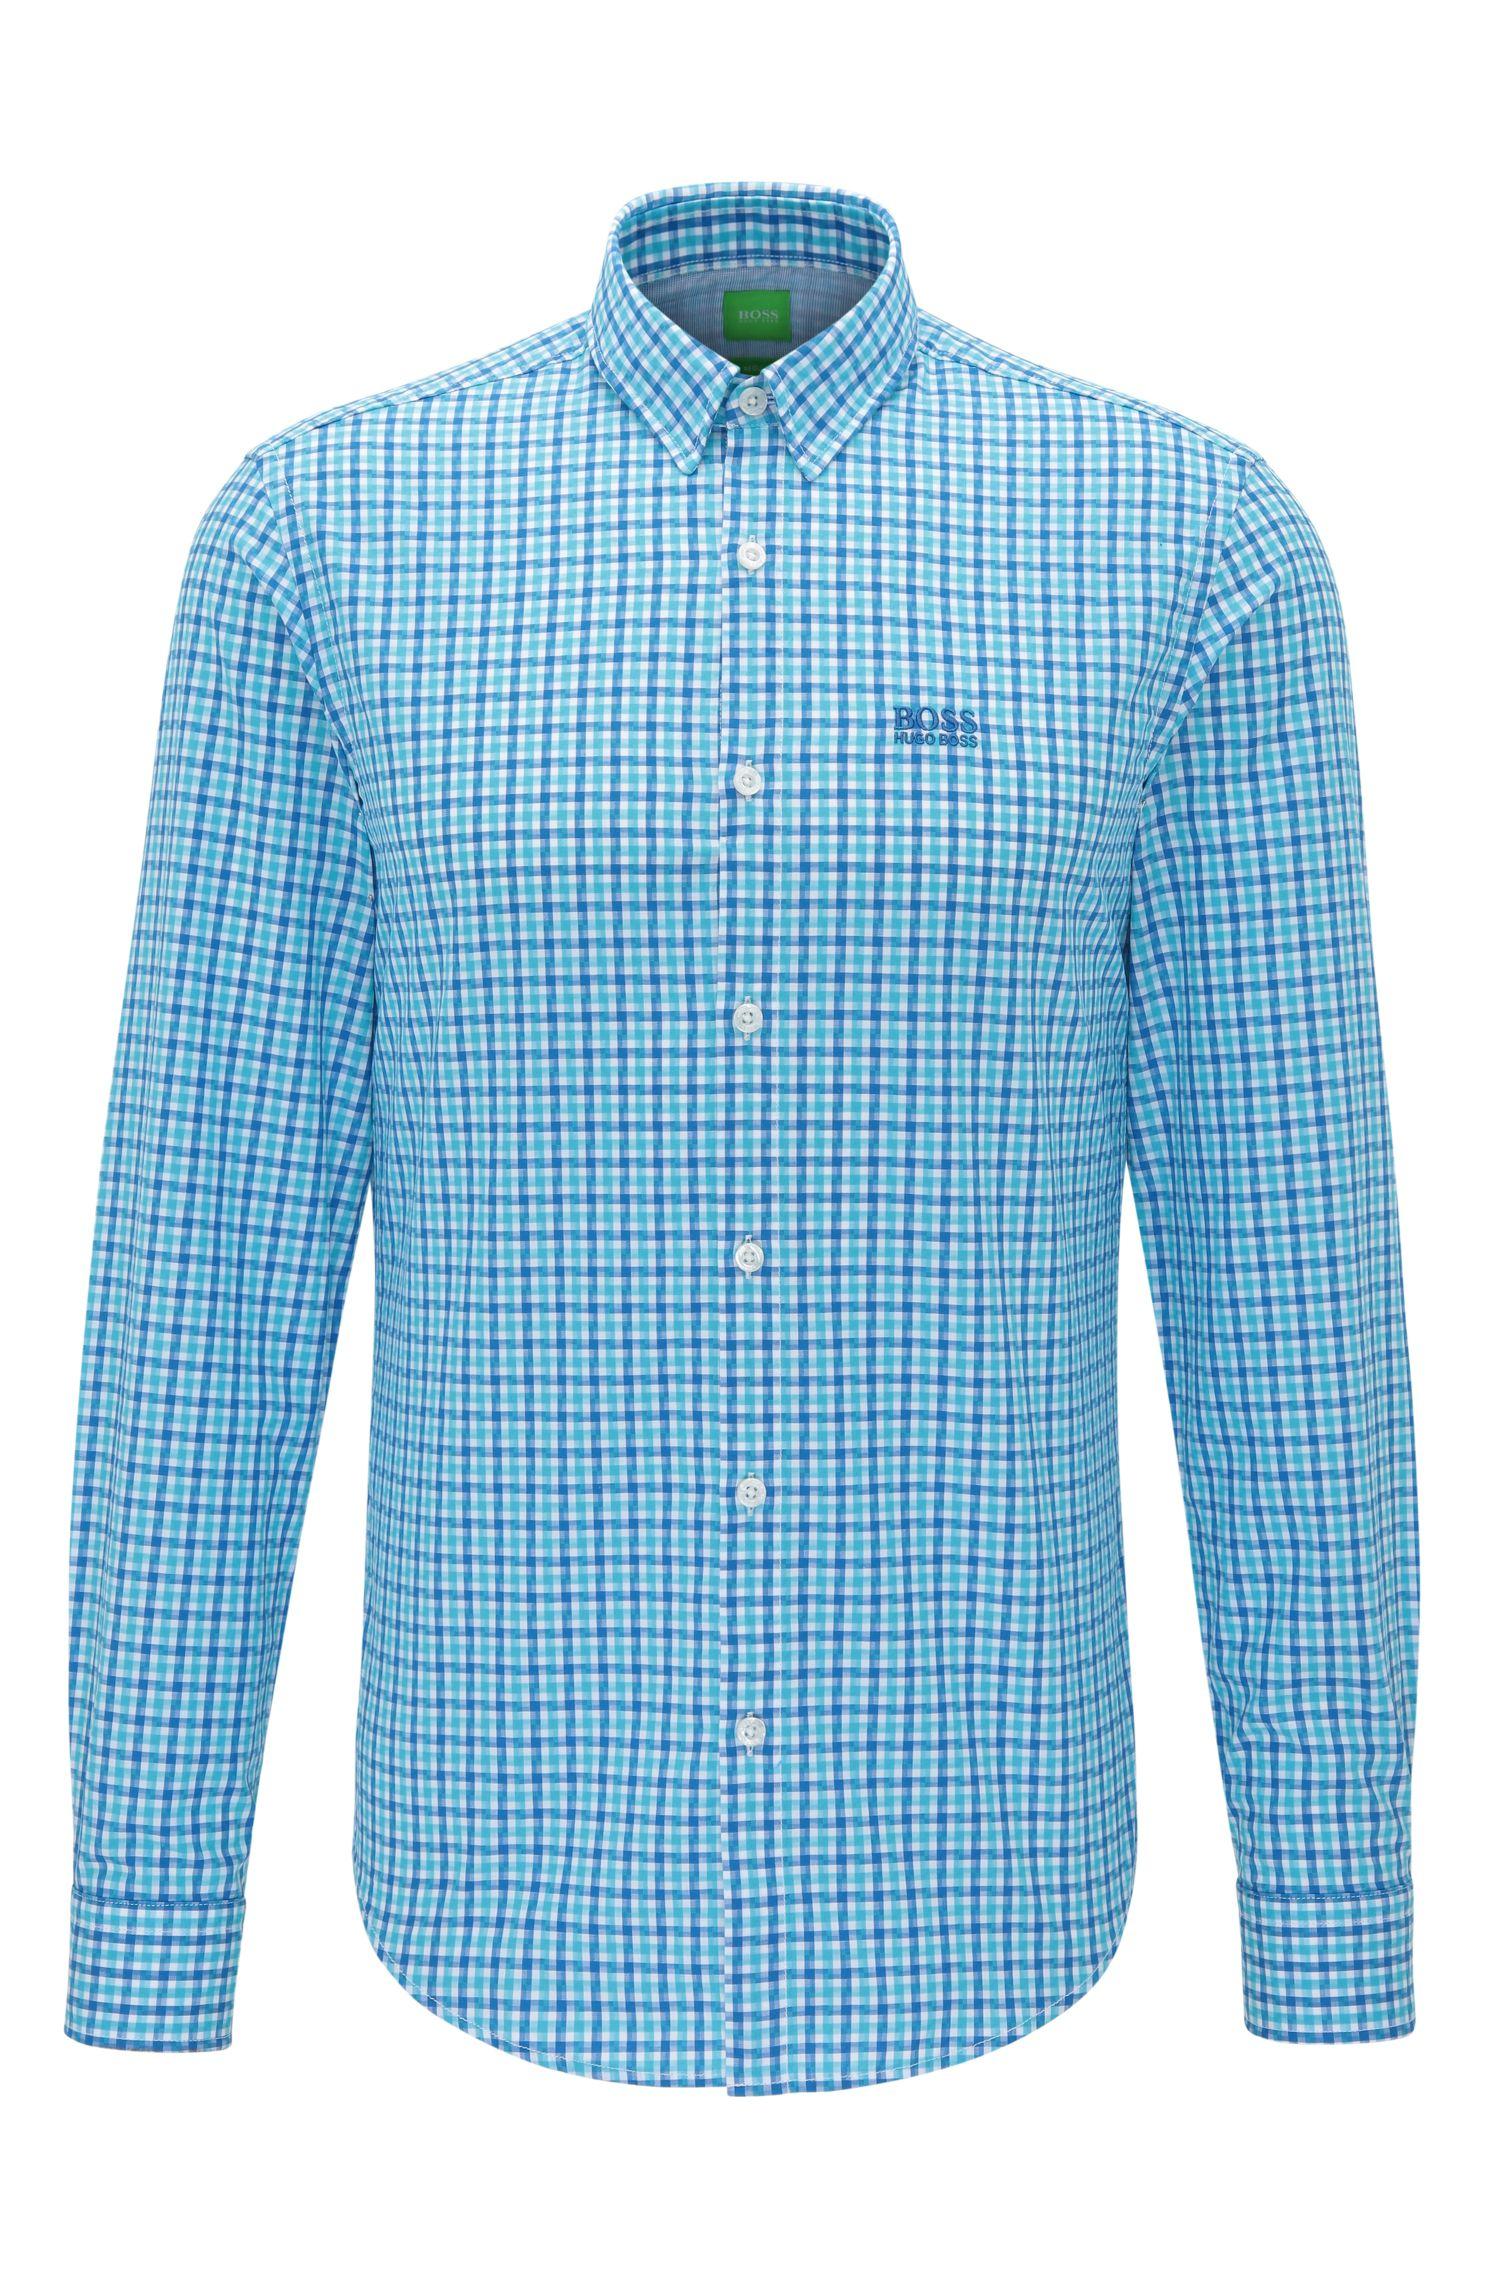 'C-Buster' | Regular Fit, Cotton Button Down Shirt